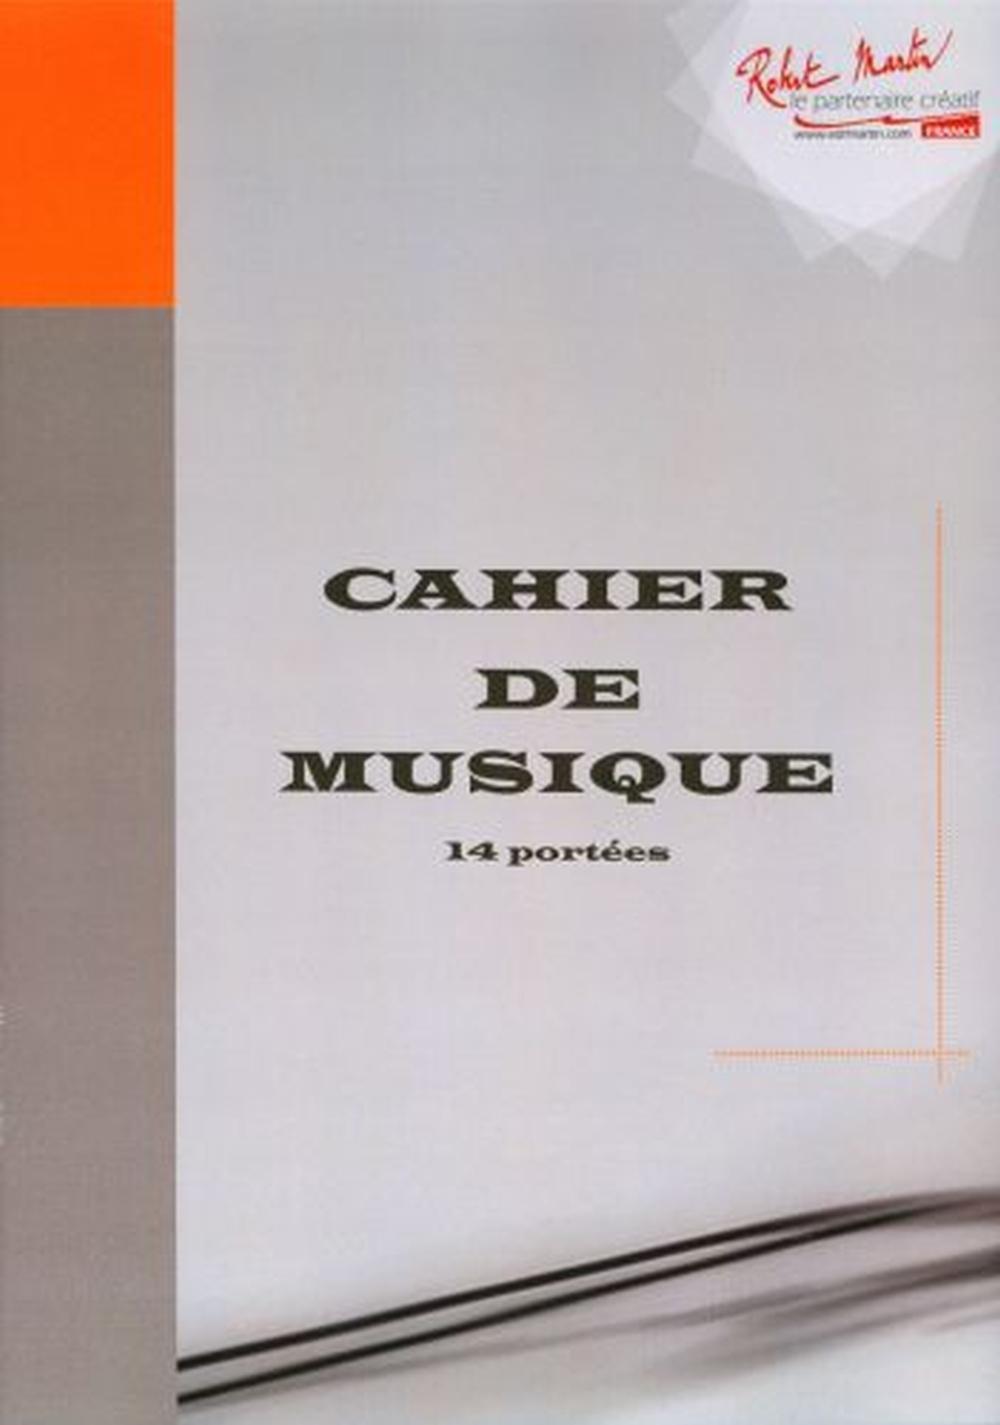 Cahier De Musique: Manuscript